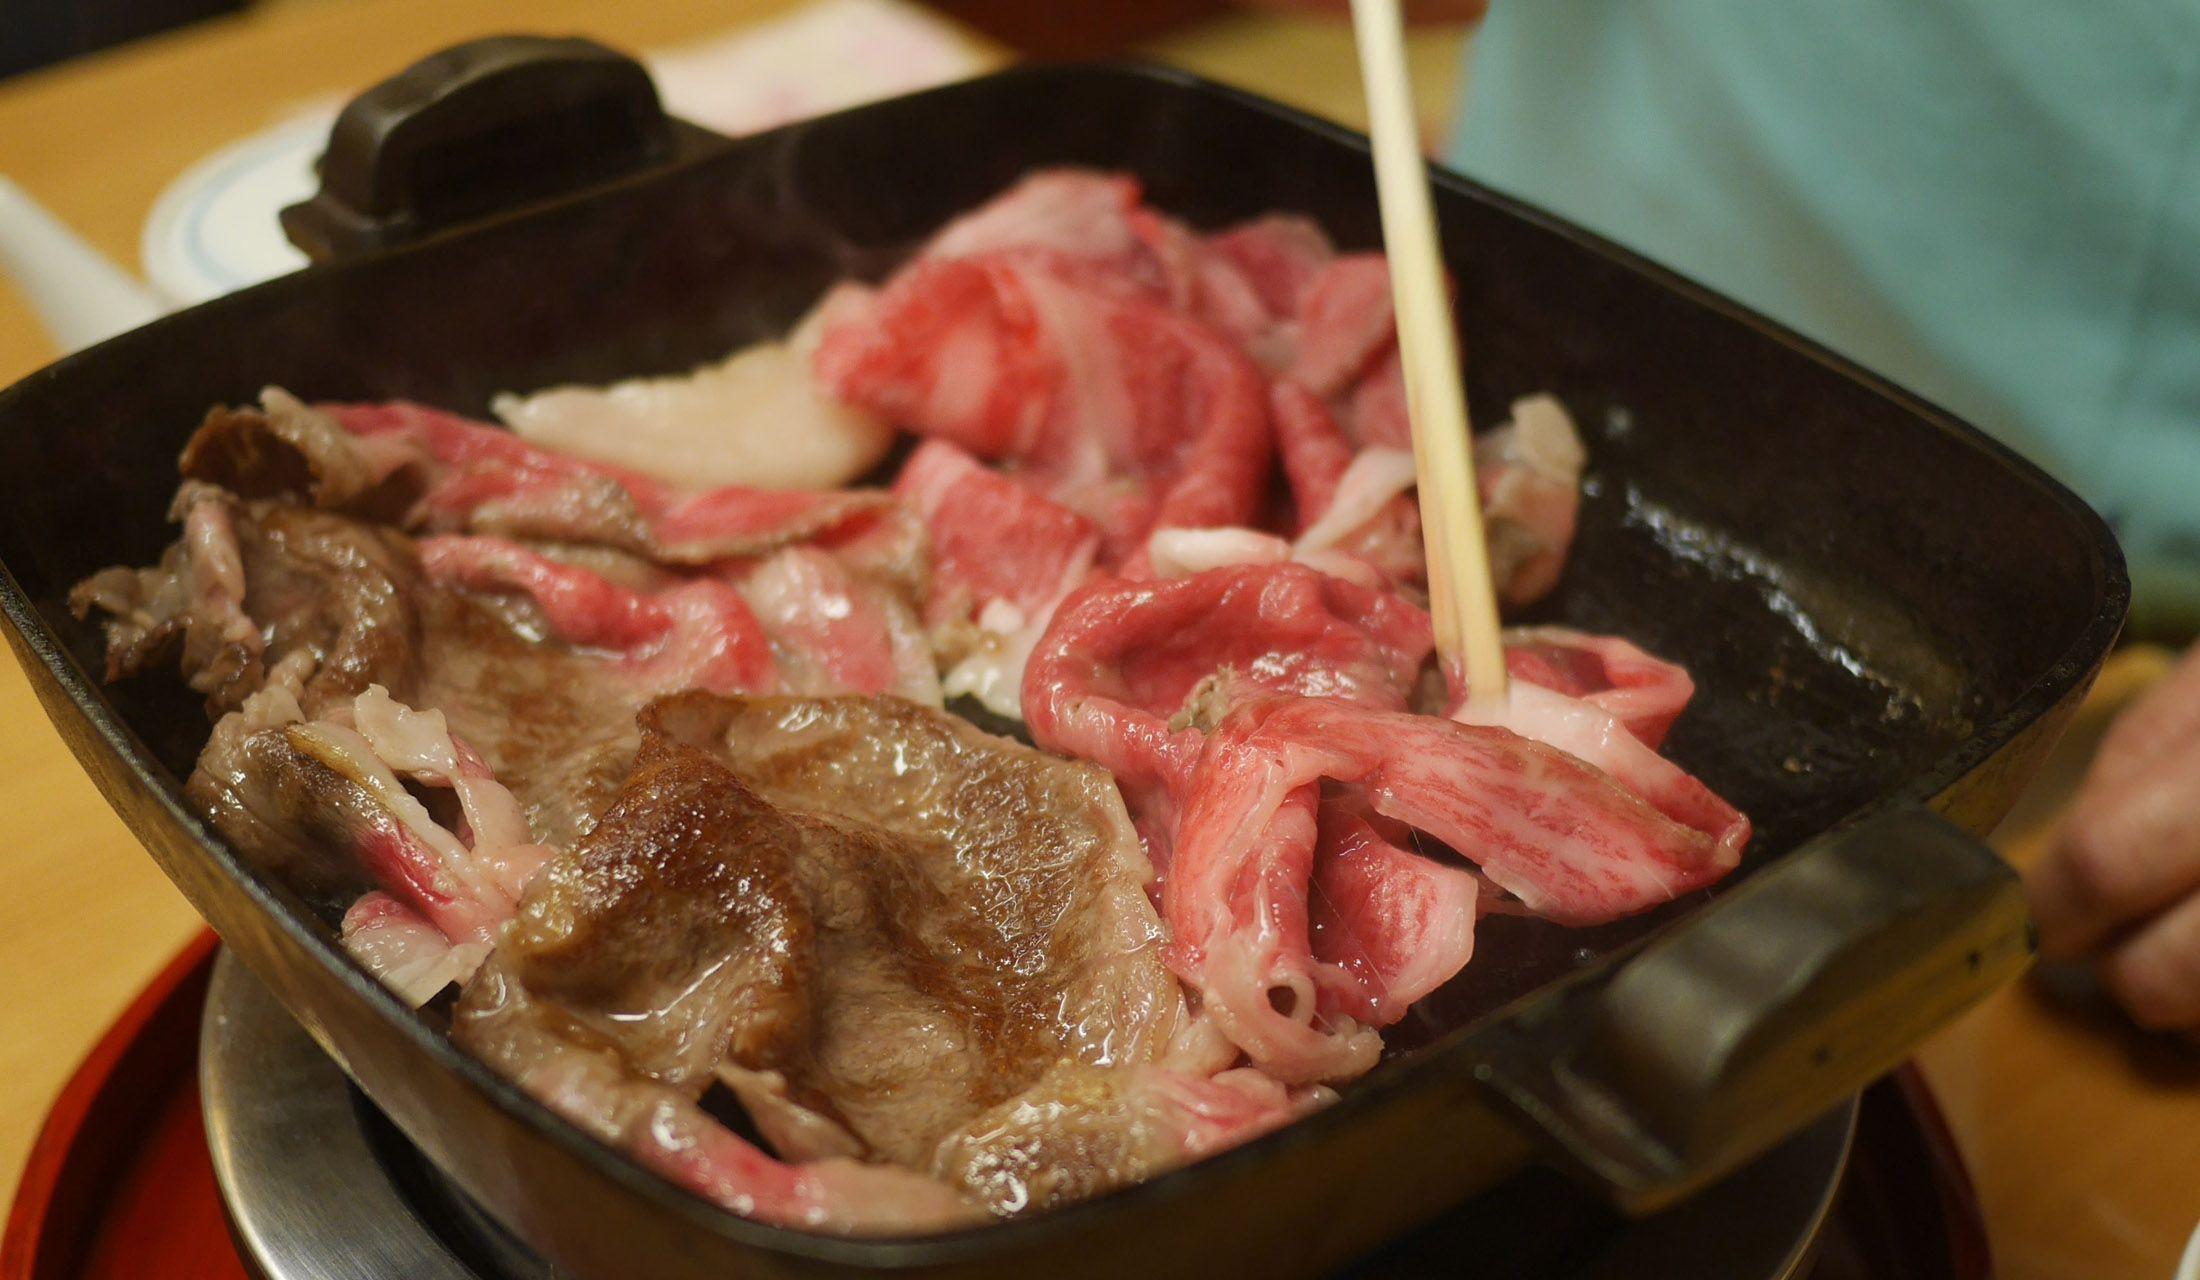 銀座 吉澤で販売される高級牛肉を使ったすき焼き